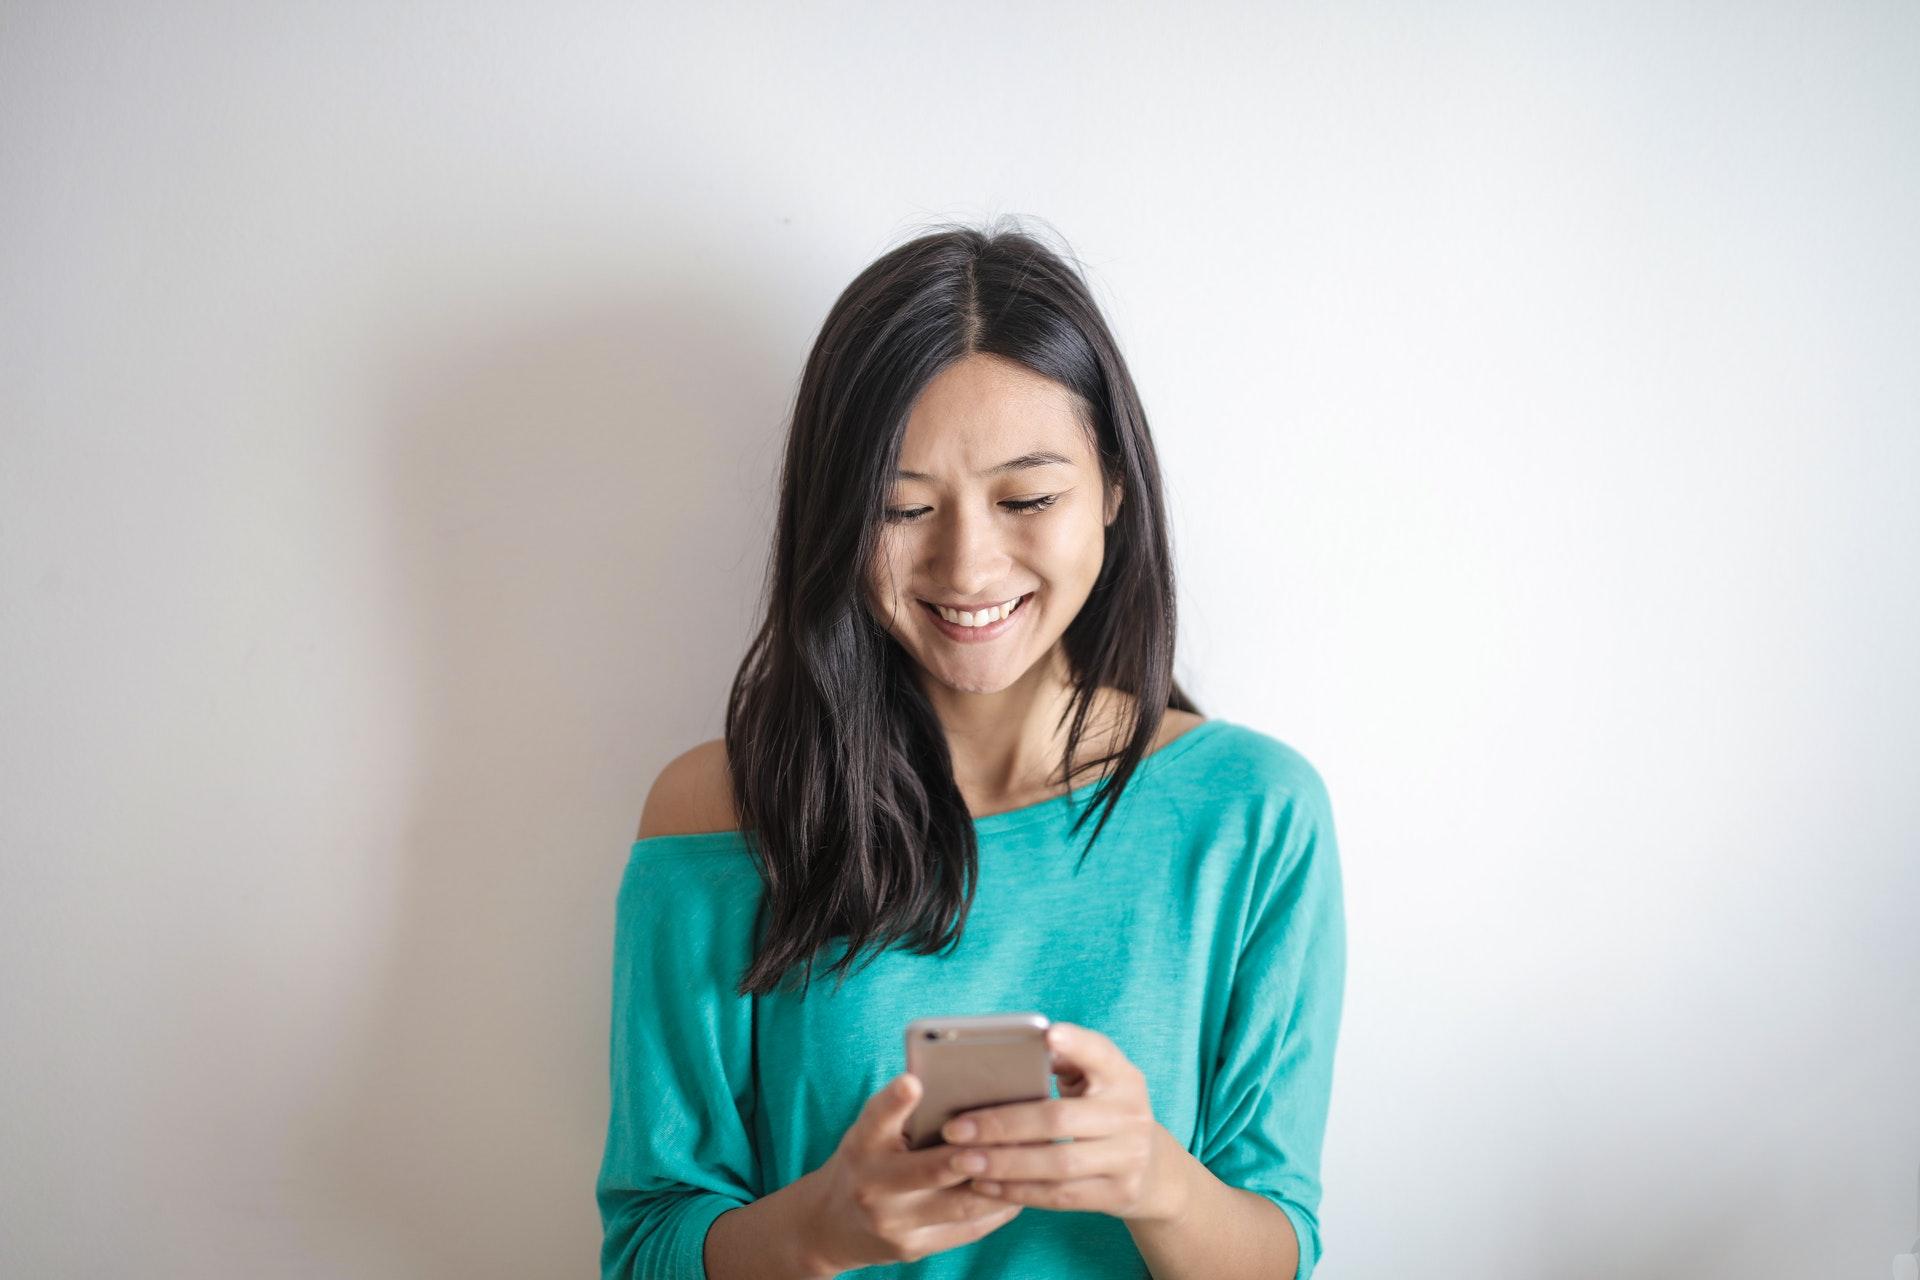 kobieta w zielonej bluzce ze smartfonem